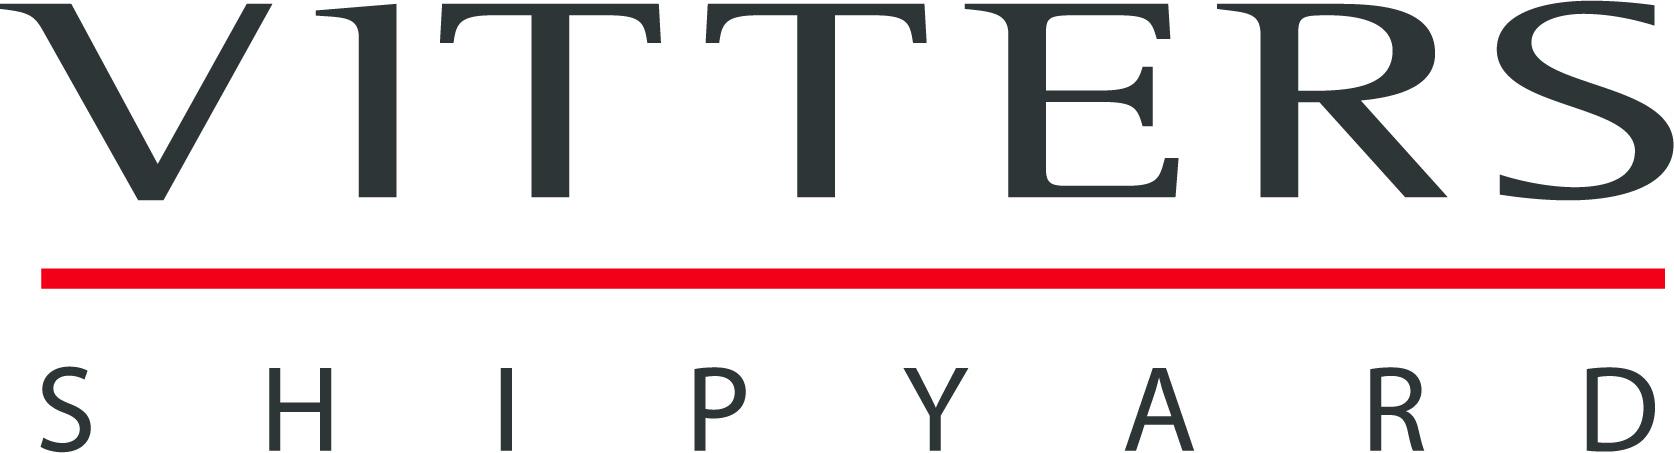 Vitters_Logo_kleur-1